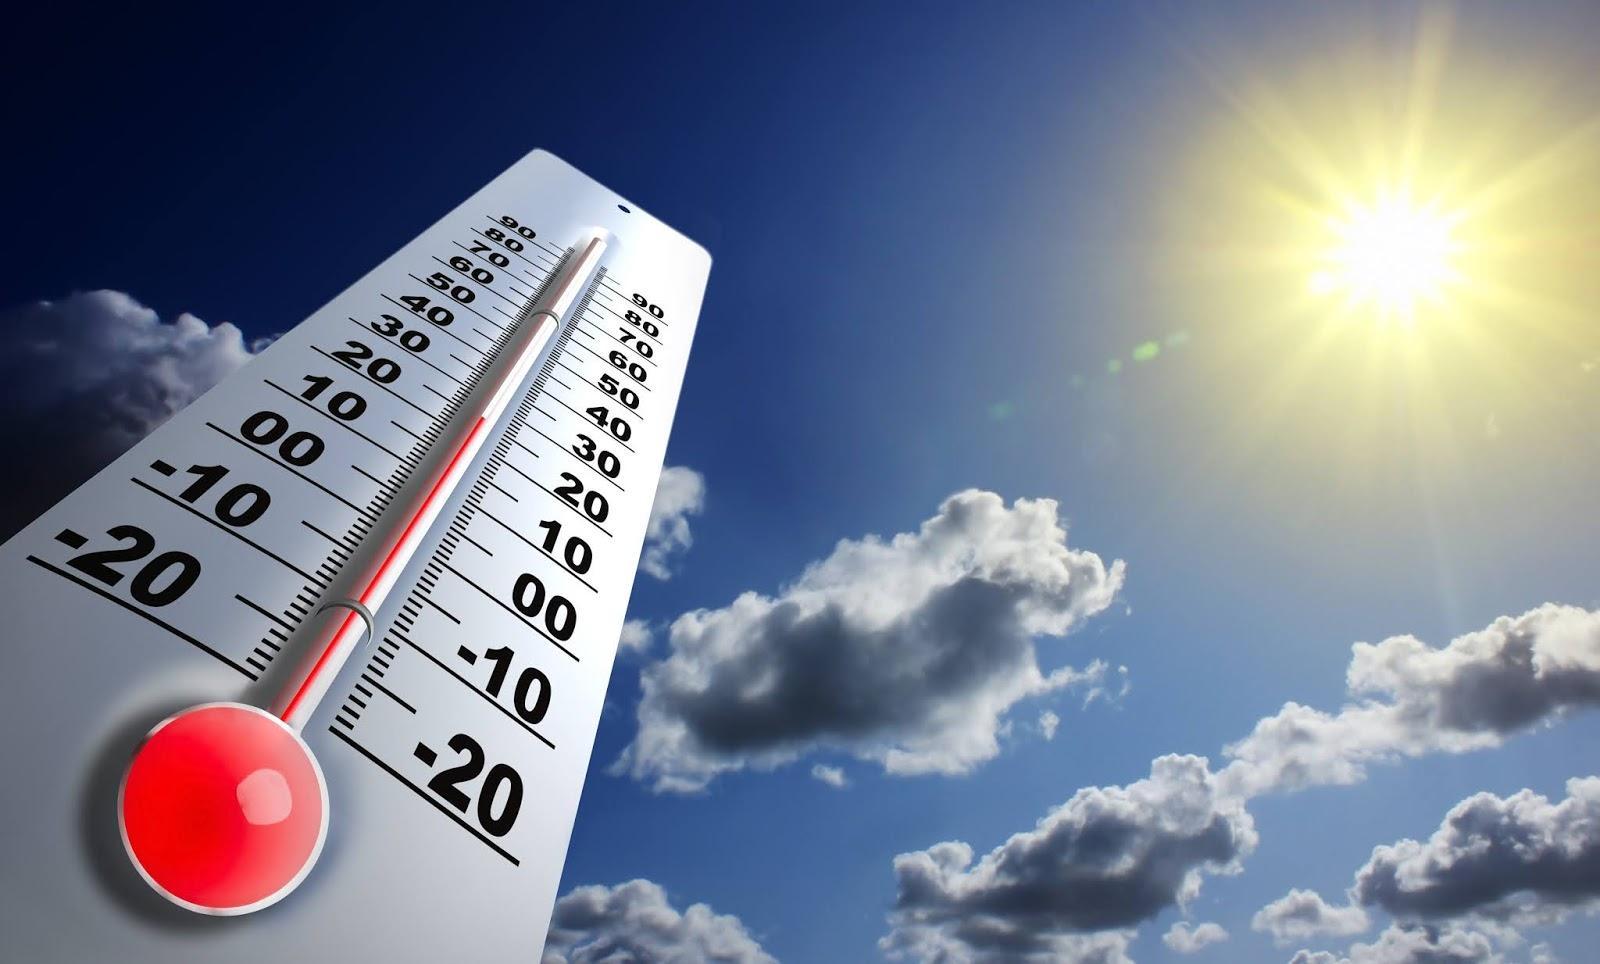 هذه توقعات أحوال الطقس اليوم الثلاثاء